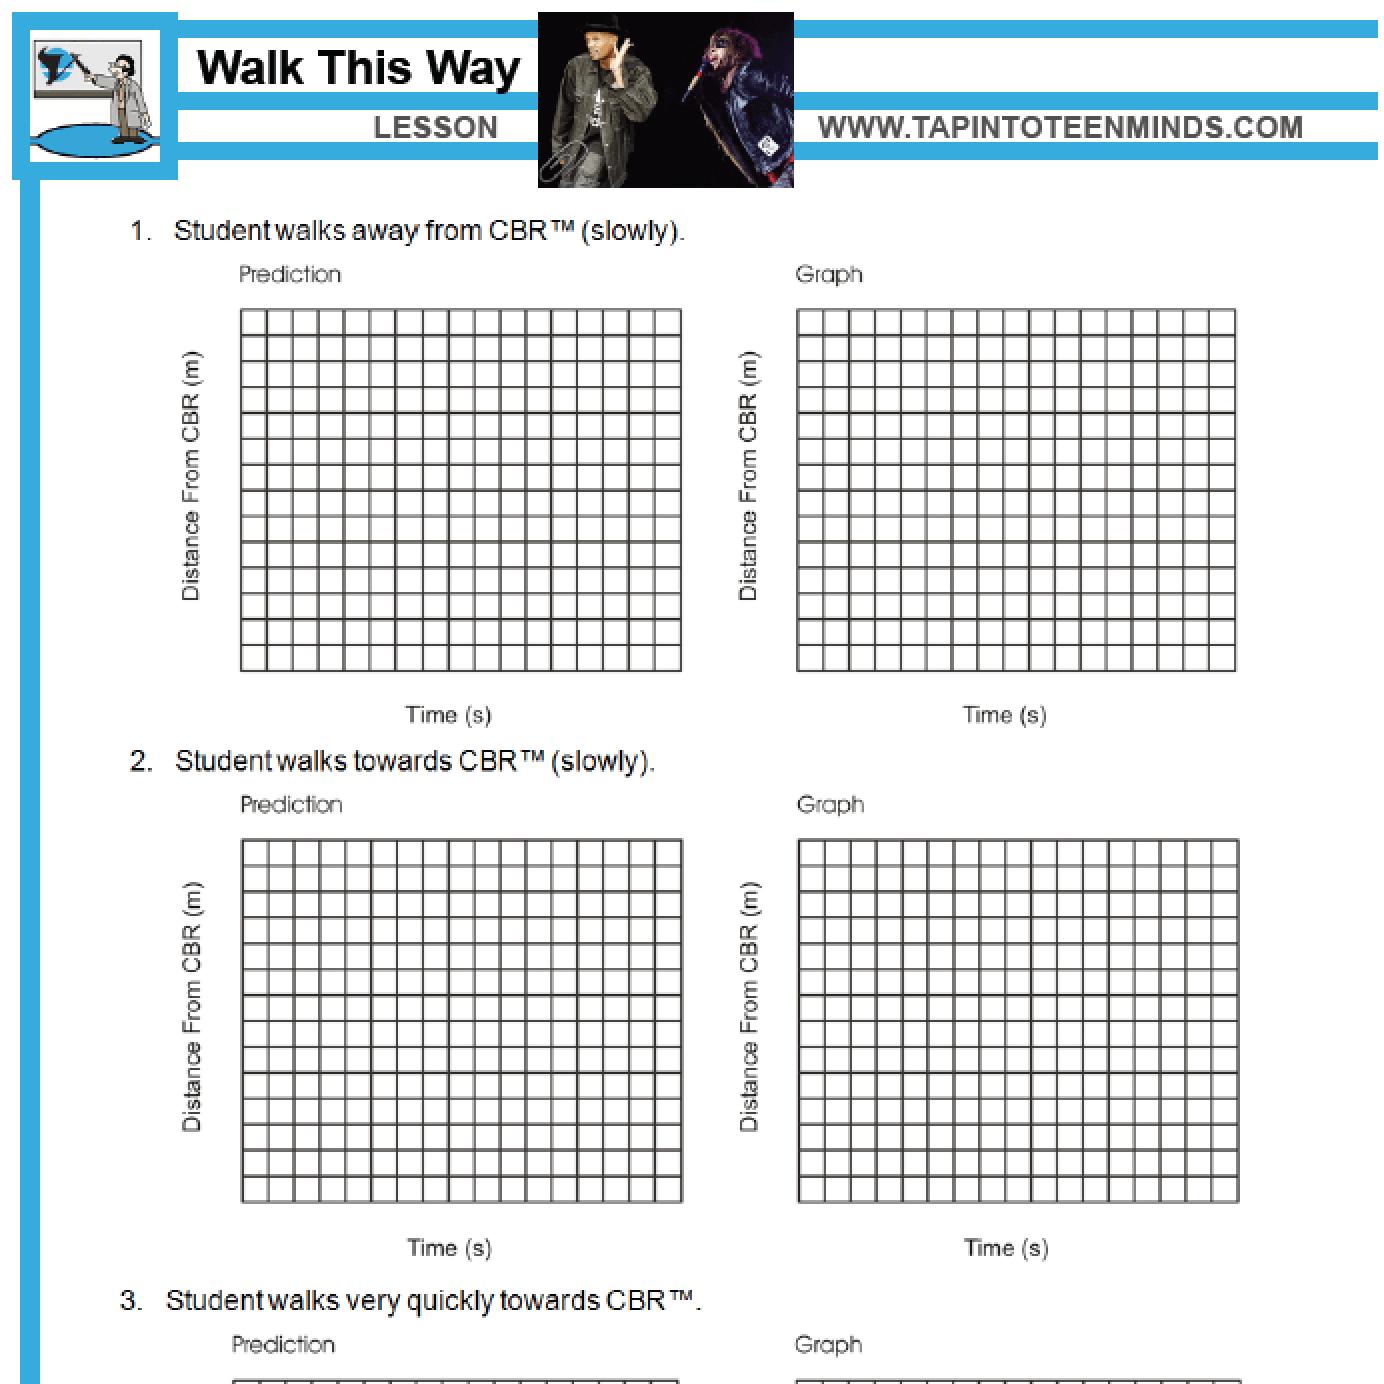 5.1 – Walk This Way